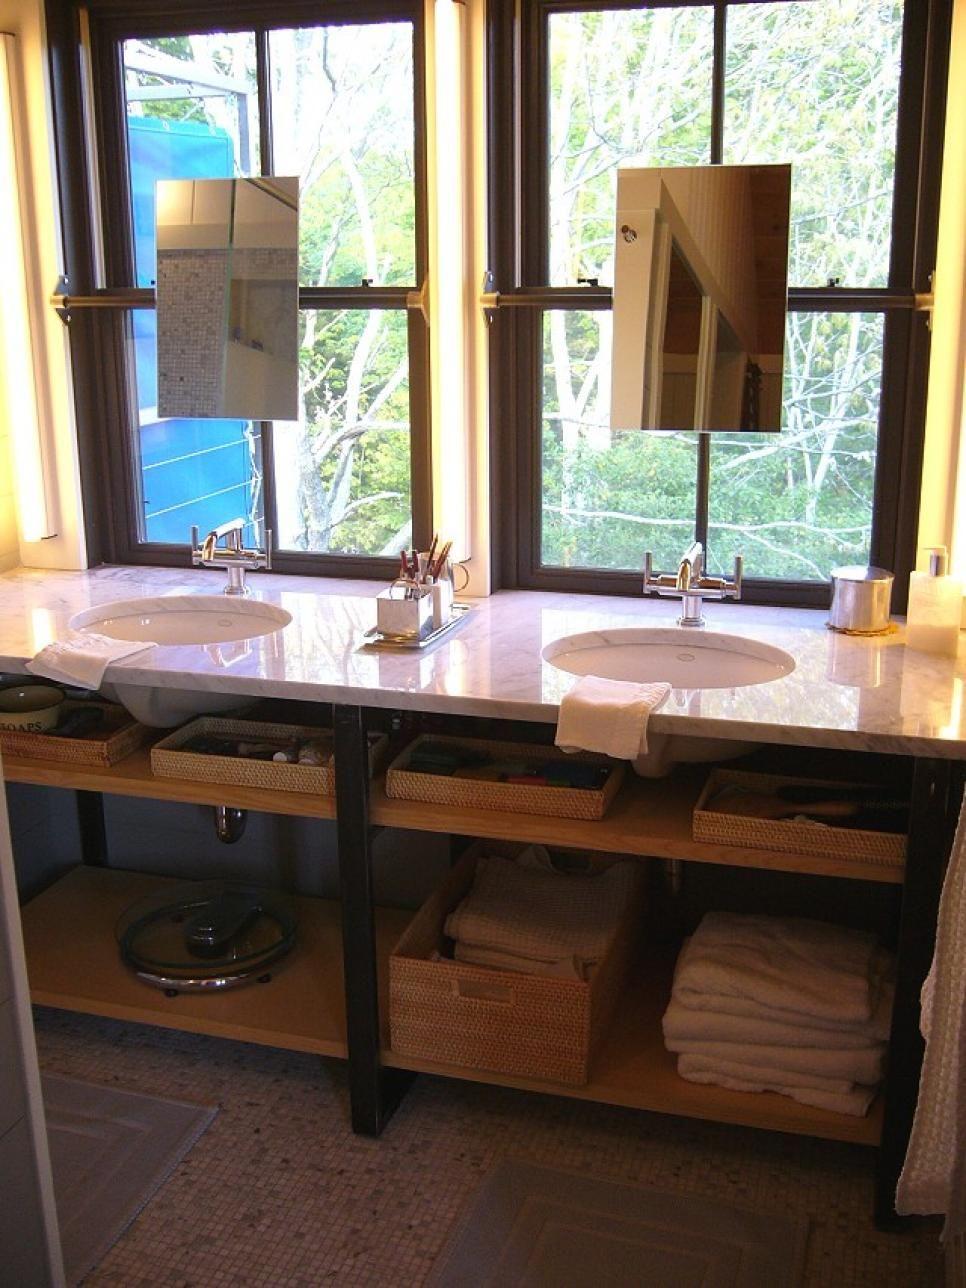 Bathroom Organization Bathroom Storage Storage Ideas And Clutter - Bathroom toiletries storage for small bathroom ideas